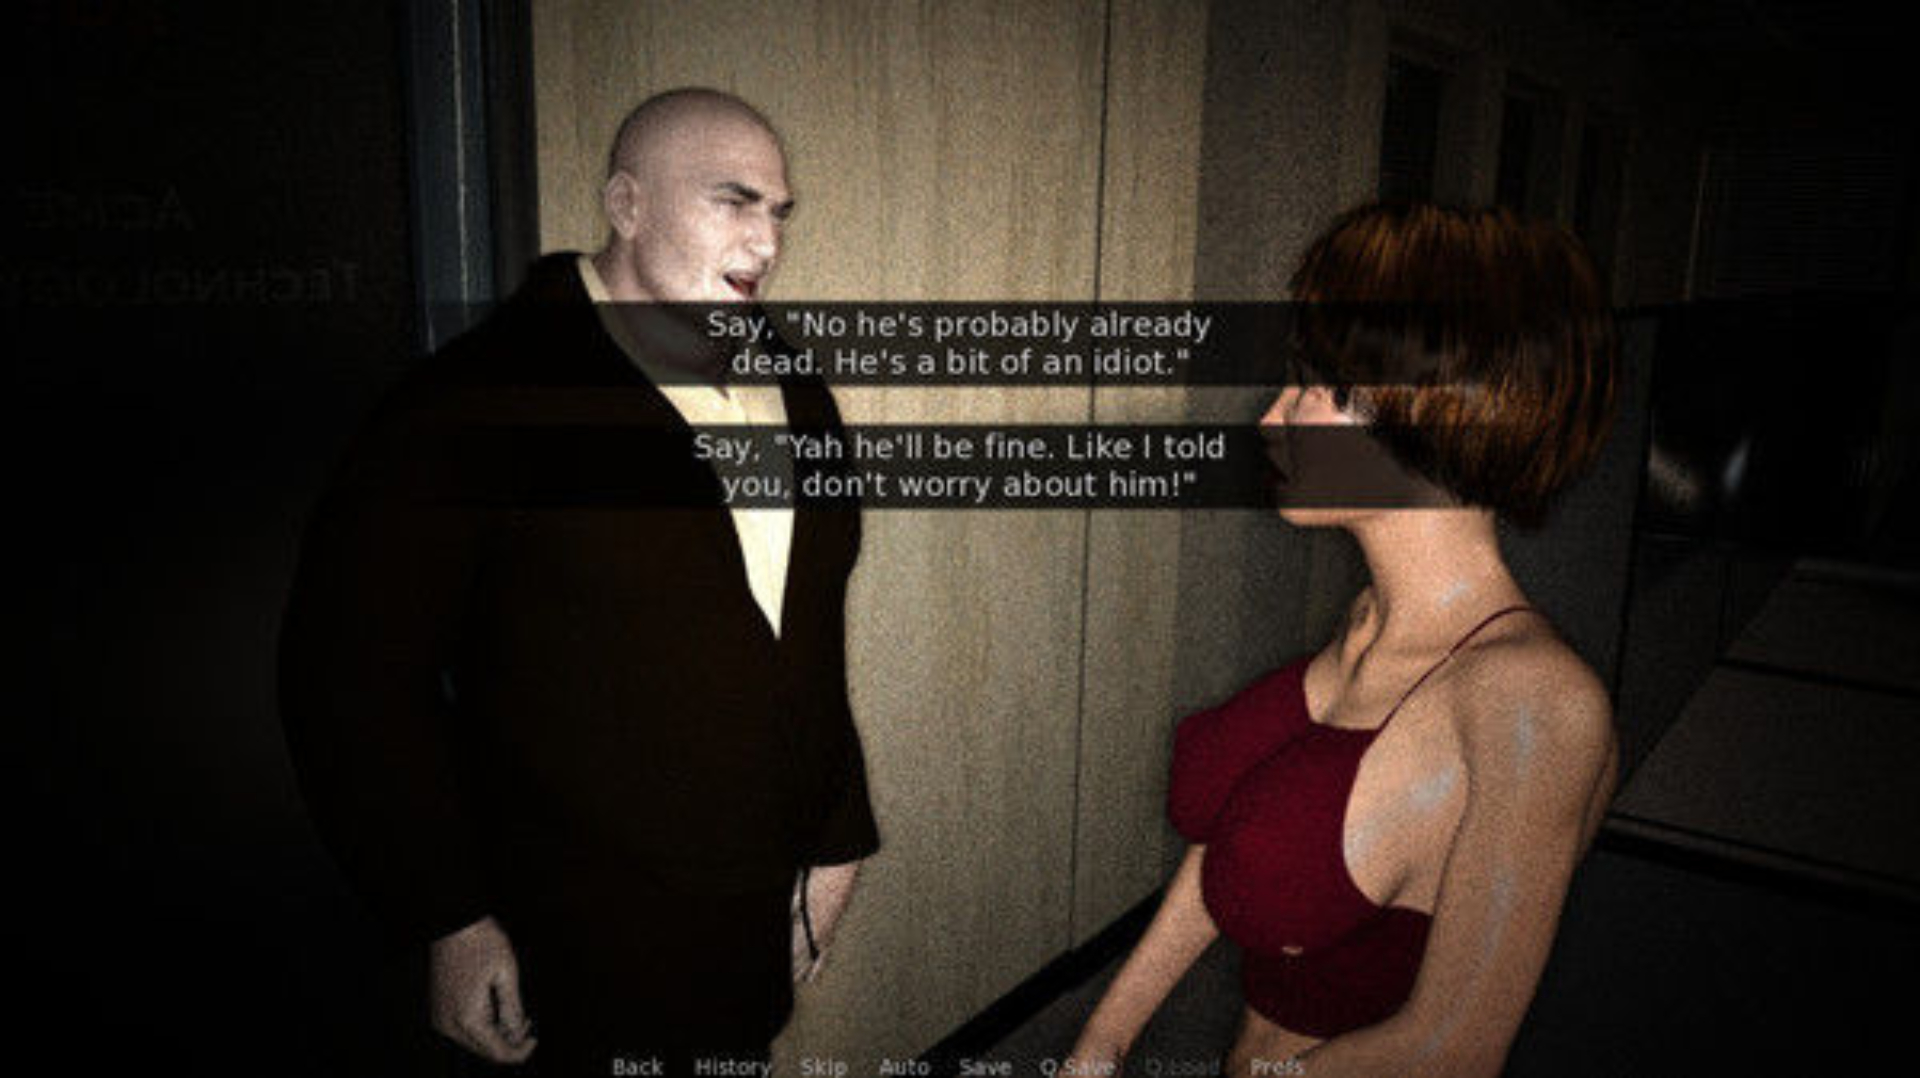 La reseña especifica que contiene ataques sexuales, lenguaje obsceno e incesto (Foto: Especial)